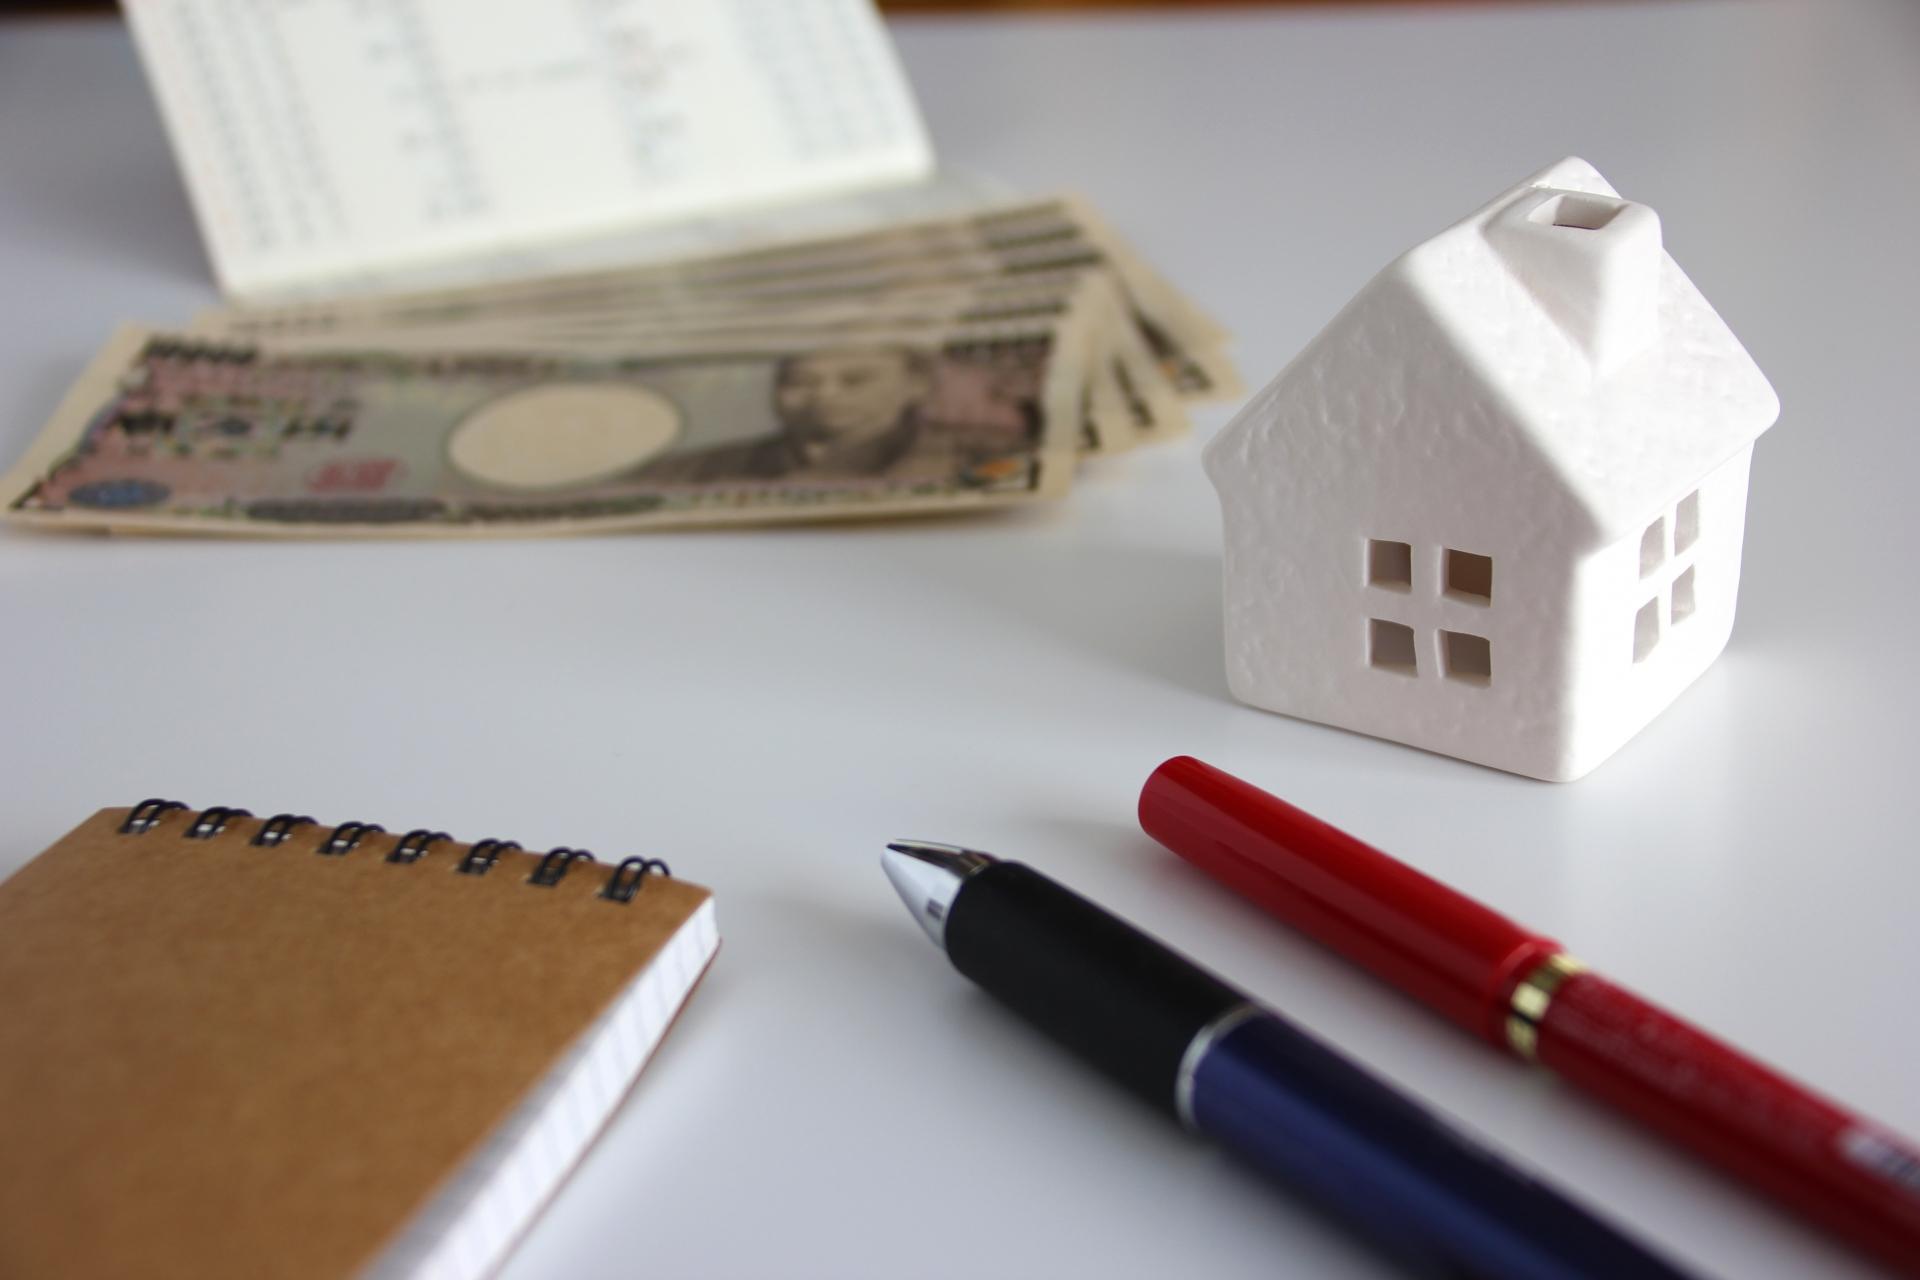 住宅購入を決めたら絶対に聞くべき3つのポイント